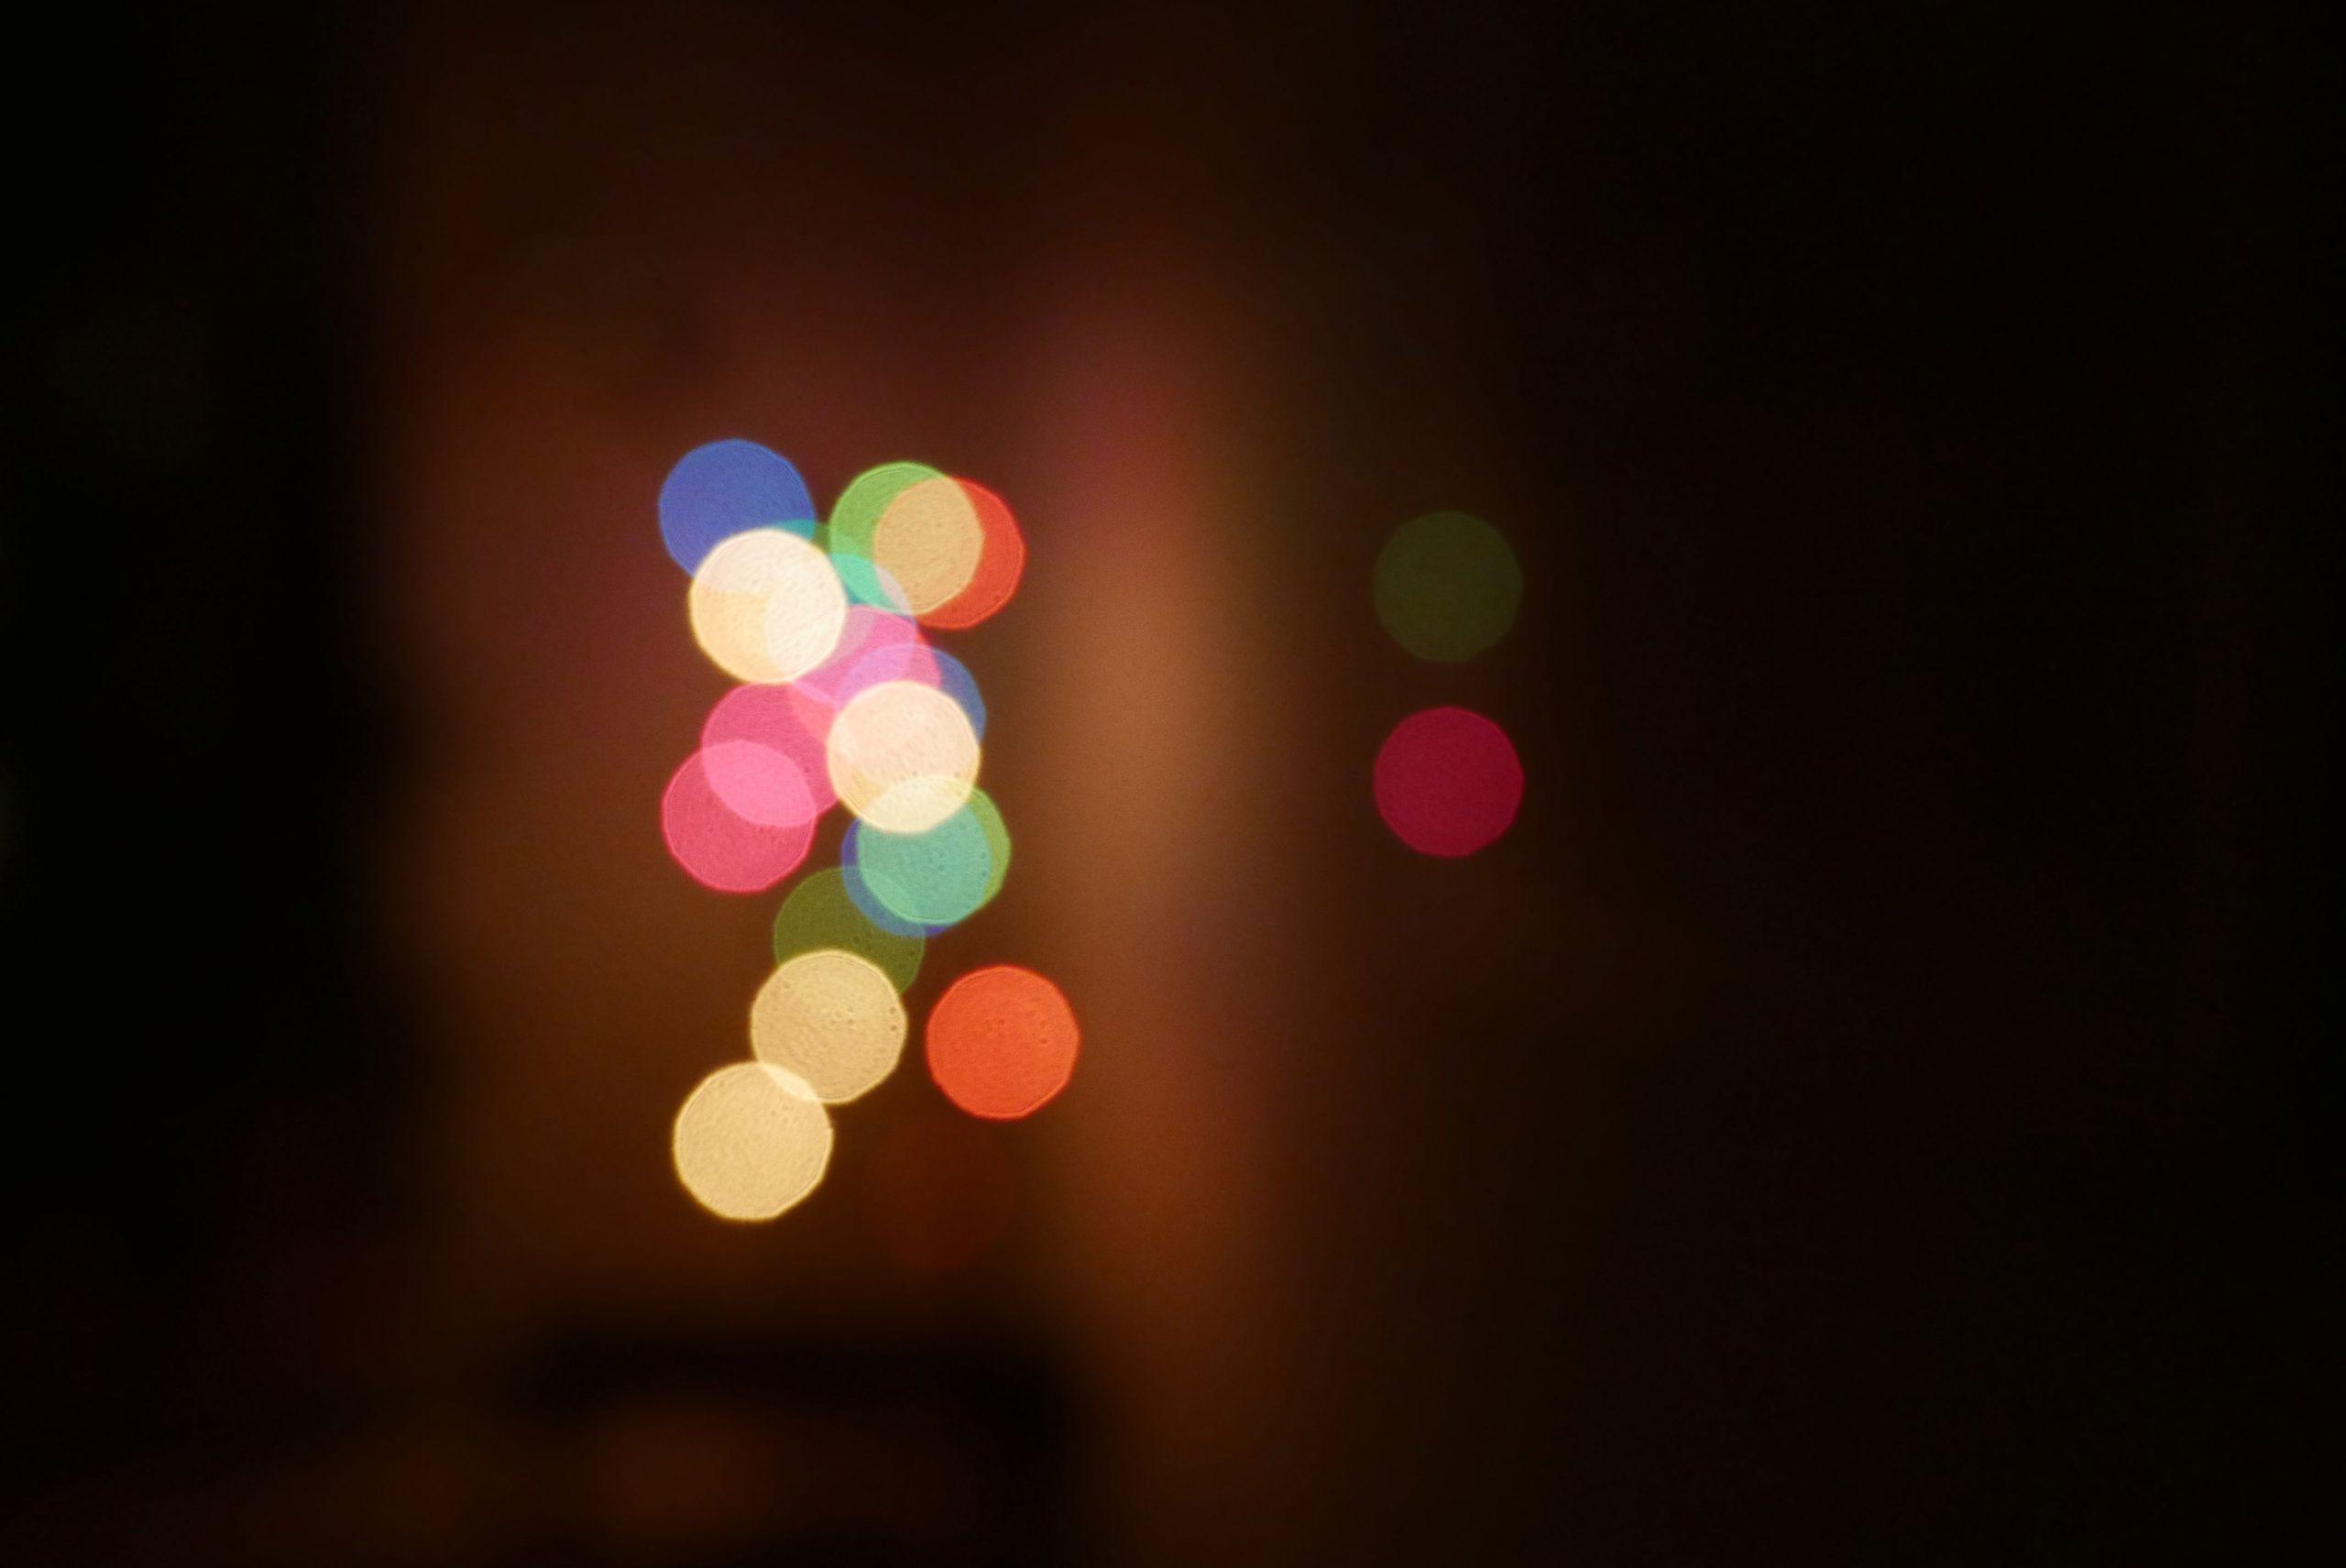 Lichtreflexe unscharf bunt